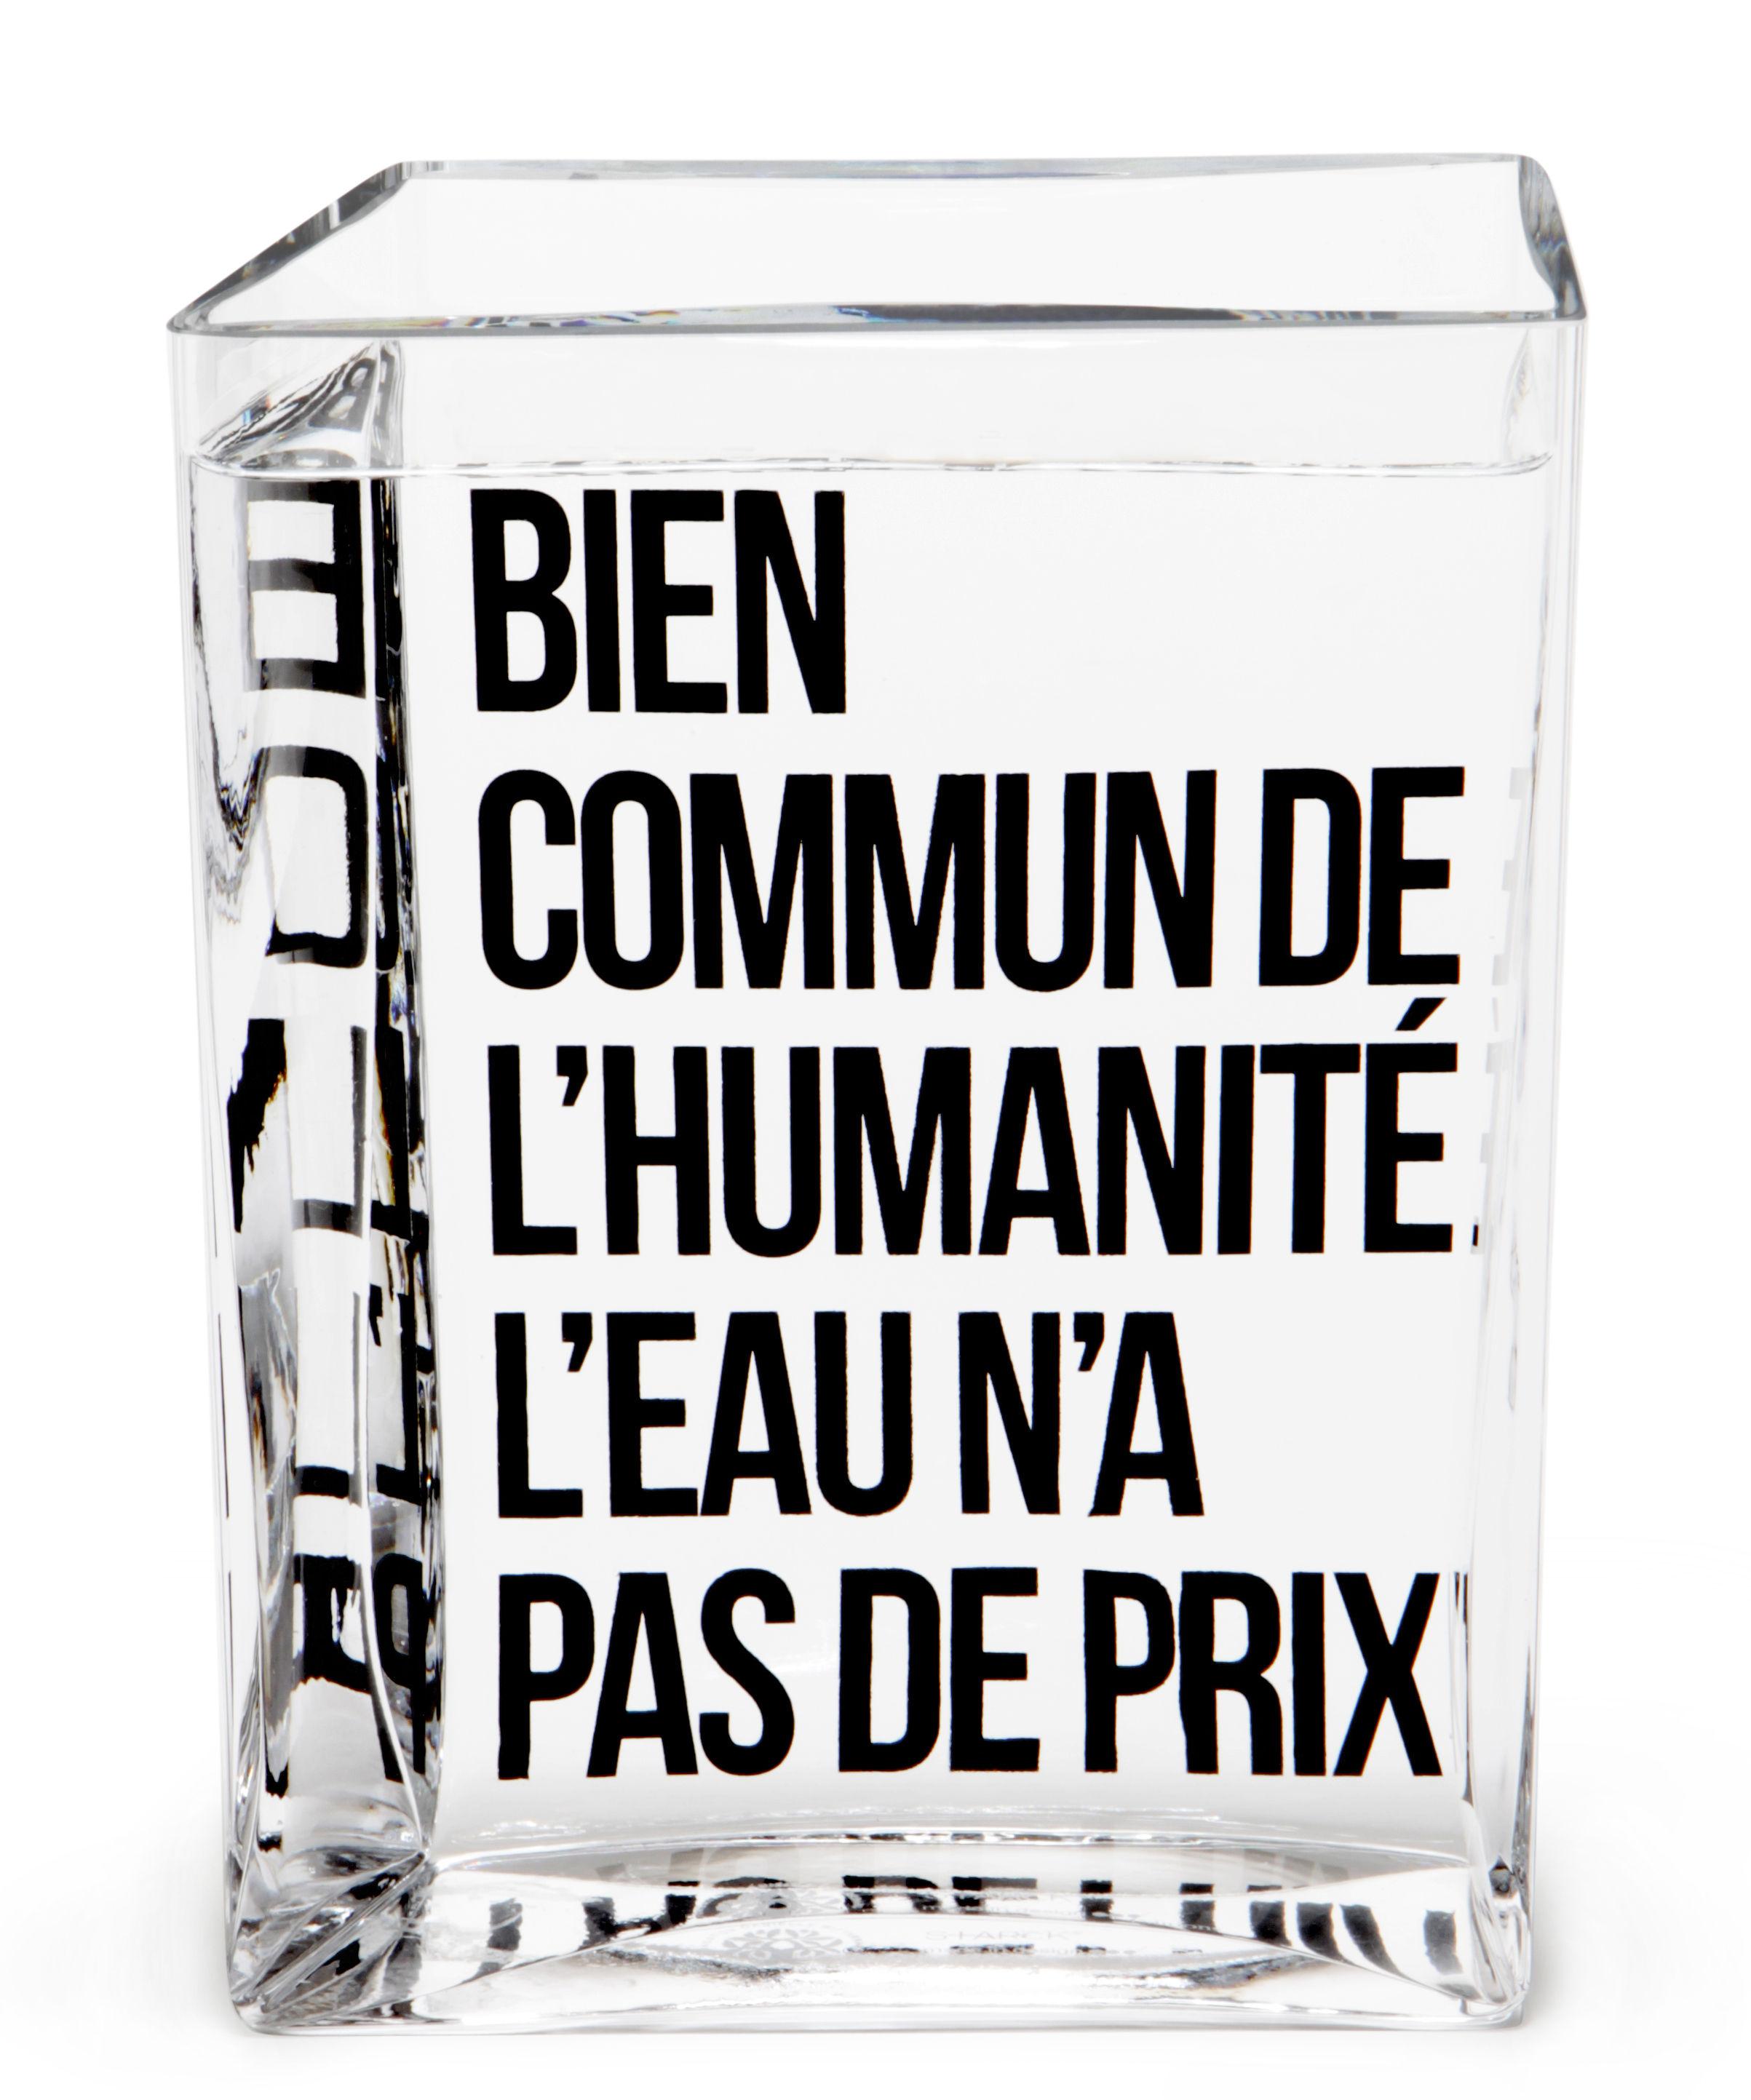 Arts de la table - Carafes et décanteurs - Carafe La Lame d'Eau by Philippe Starck / 50 cl - Made in design Editions - Transparent / Message noir - Verre